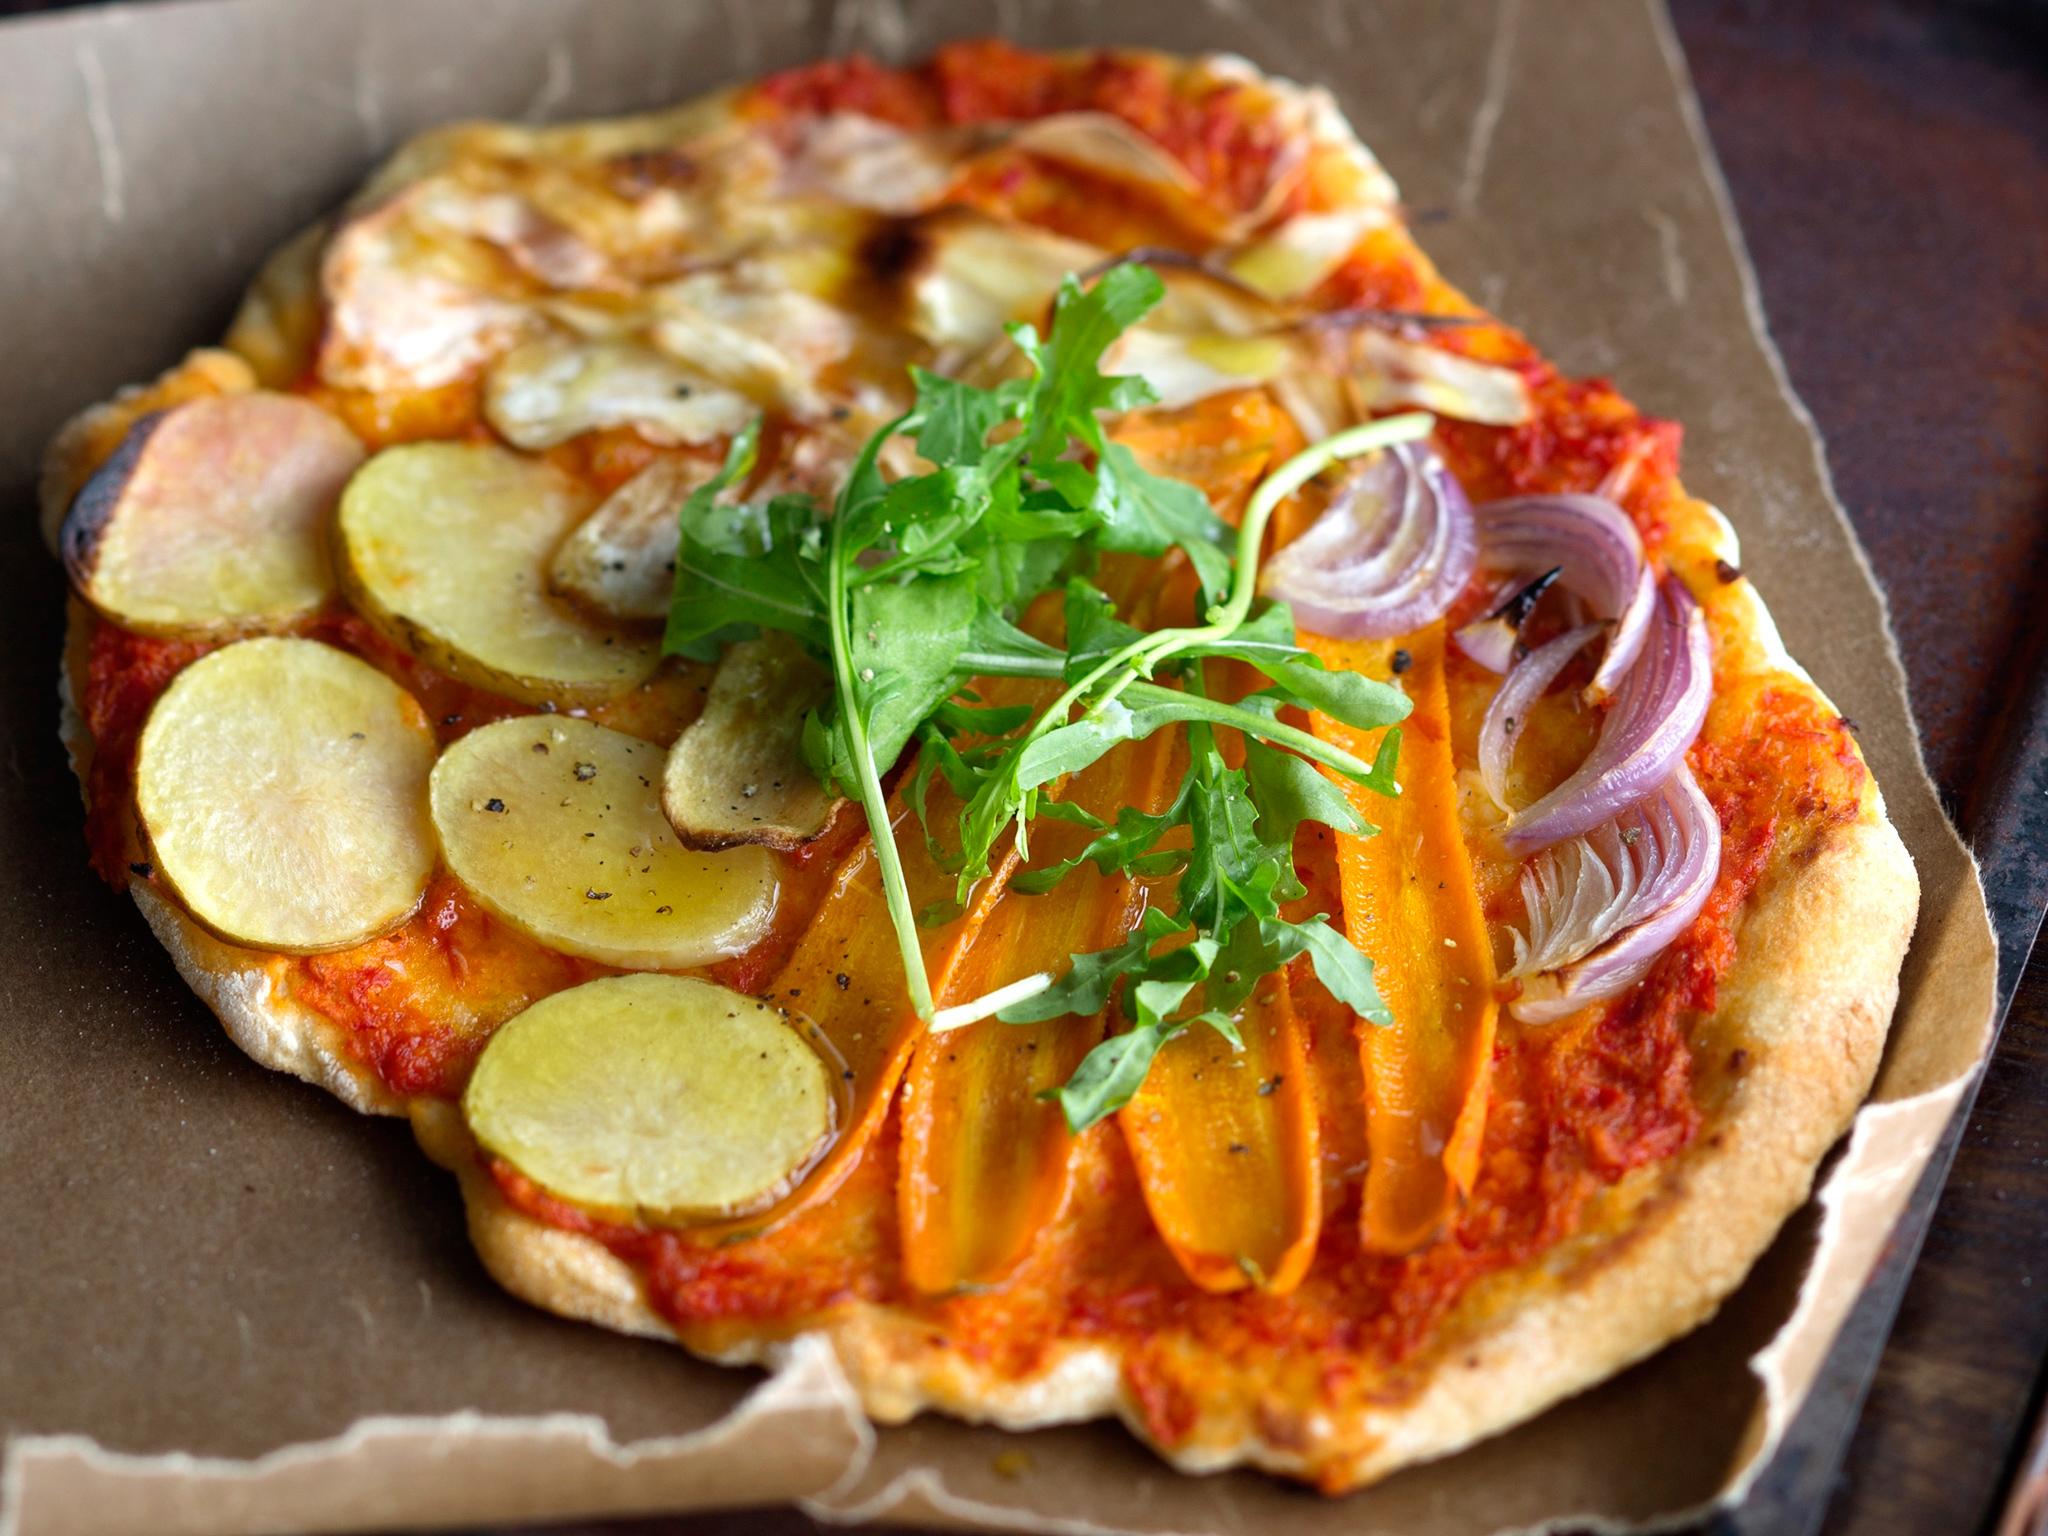 Kuva - Paahdettu kasviskastike pizzaan